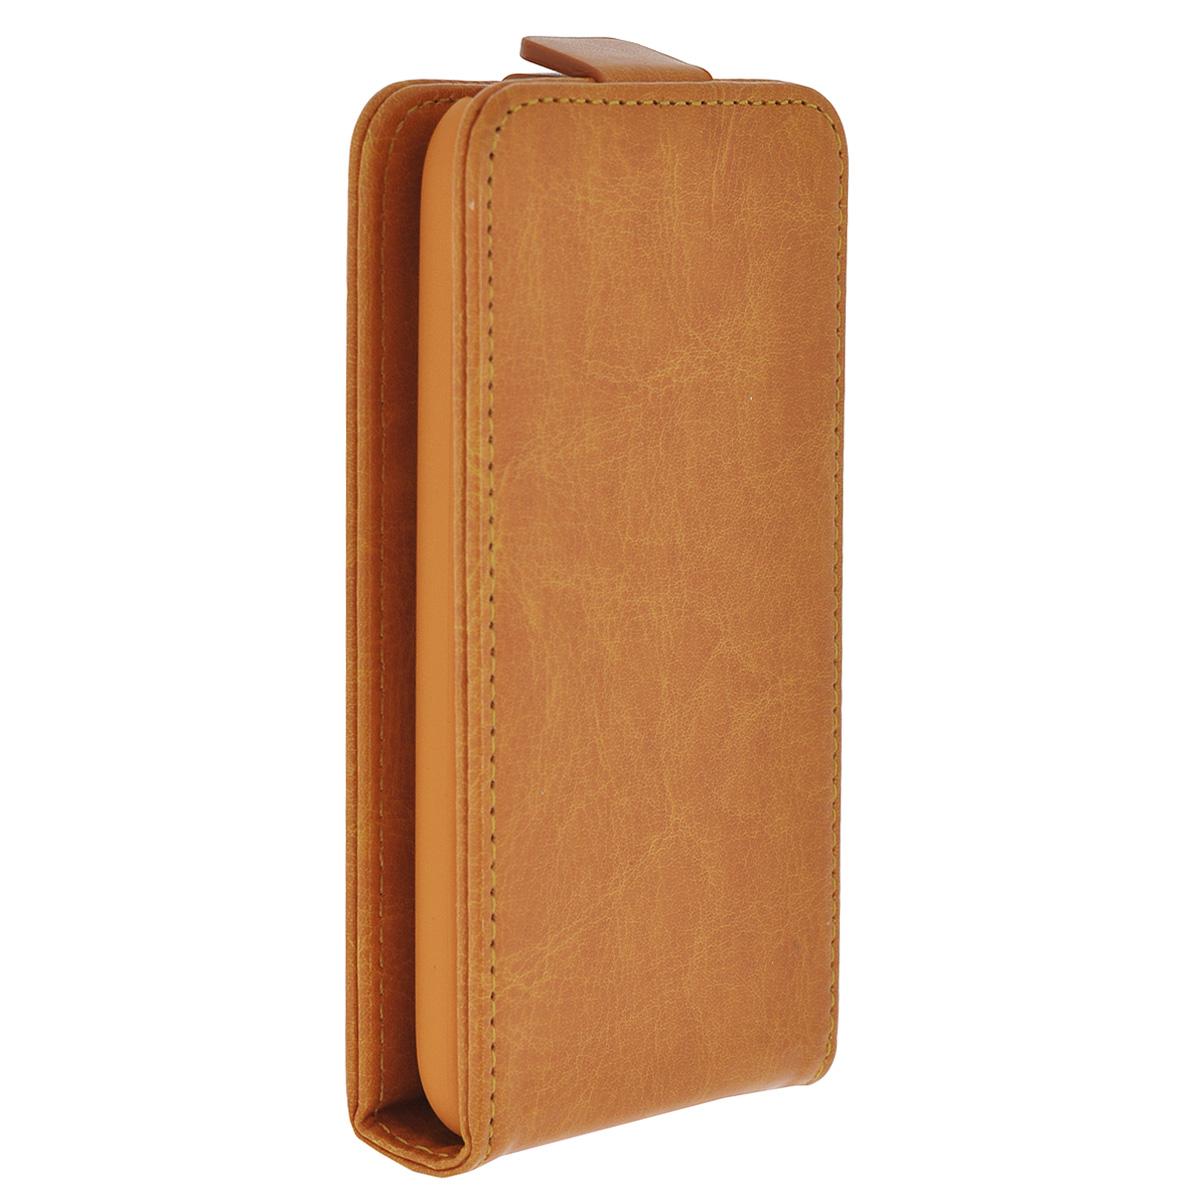 Skinbox Flip Case чехол для Nokia Lumia 530, Orange2000000033372Чехол Skinbox Flip Case чехол для Nokia Lumia 530 выполнен из высококачественного поликарбоната и экокожи. Он обеспечивает надежную защиту корпуса и экрана смартфона и надолго сохраняет его привлекательный внешний вид. Чехол также обеспечивает свободный доступ ко всем разъемам и клавишам устройства.